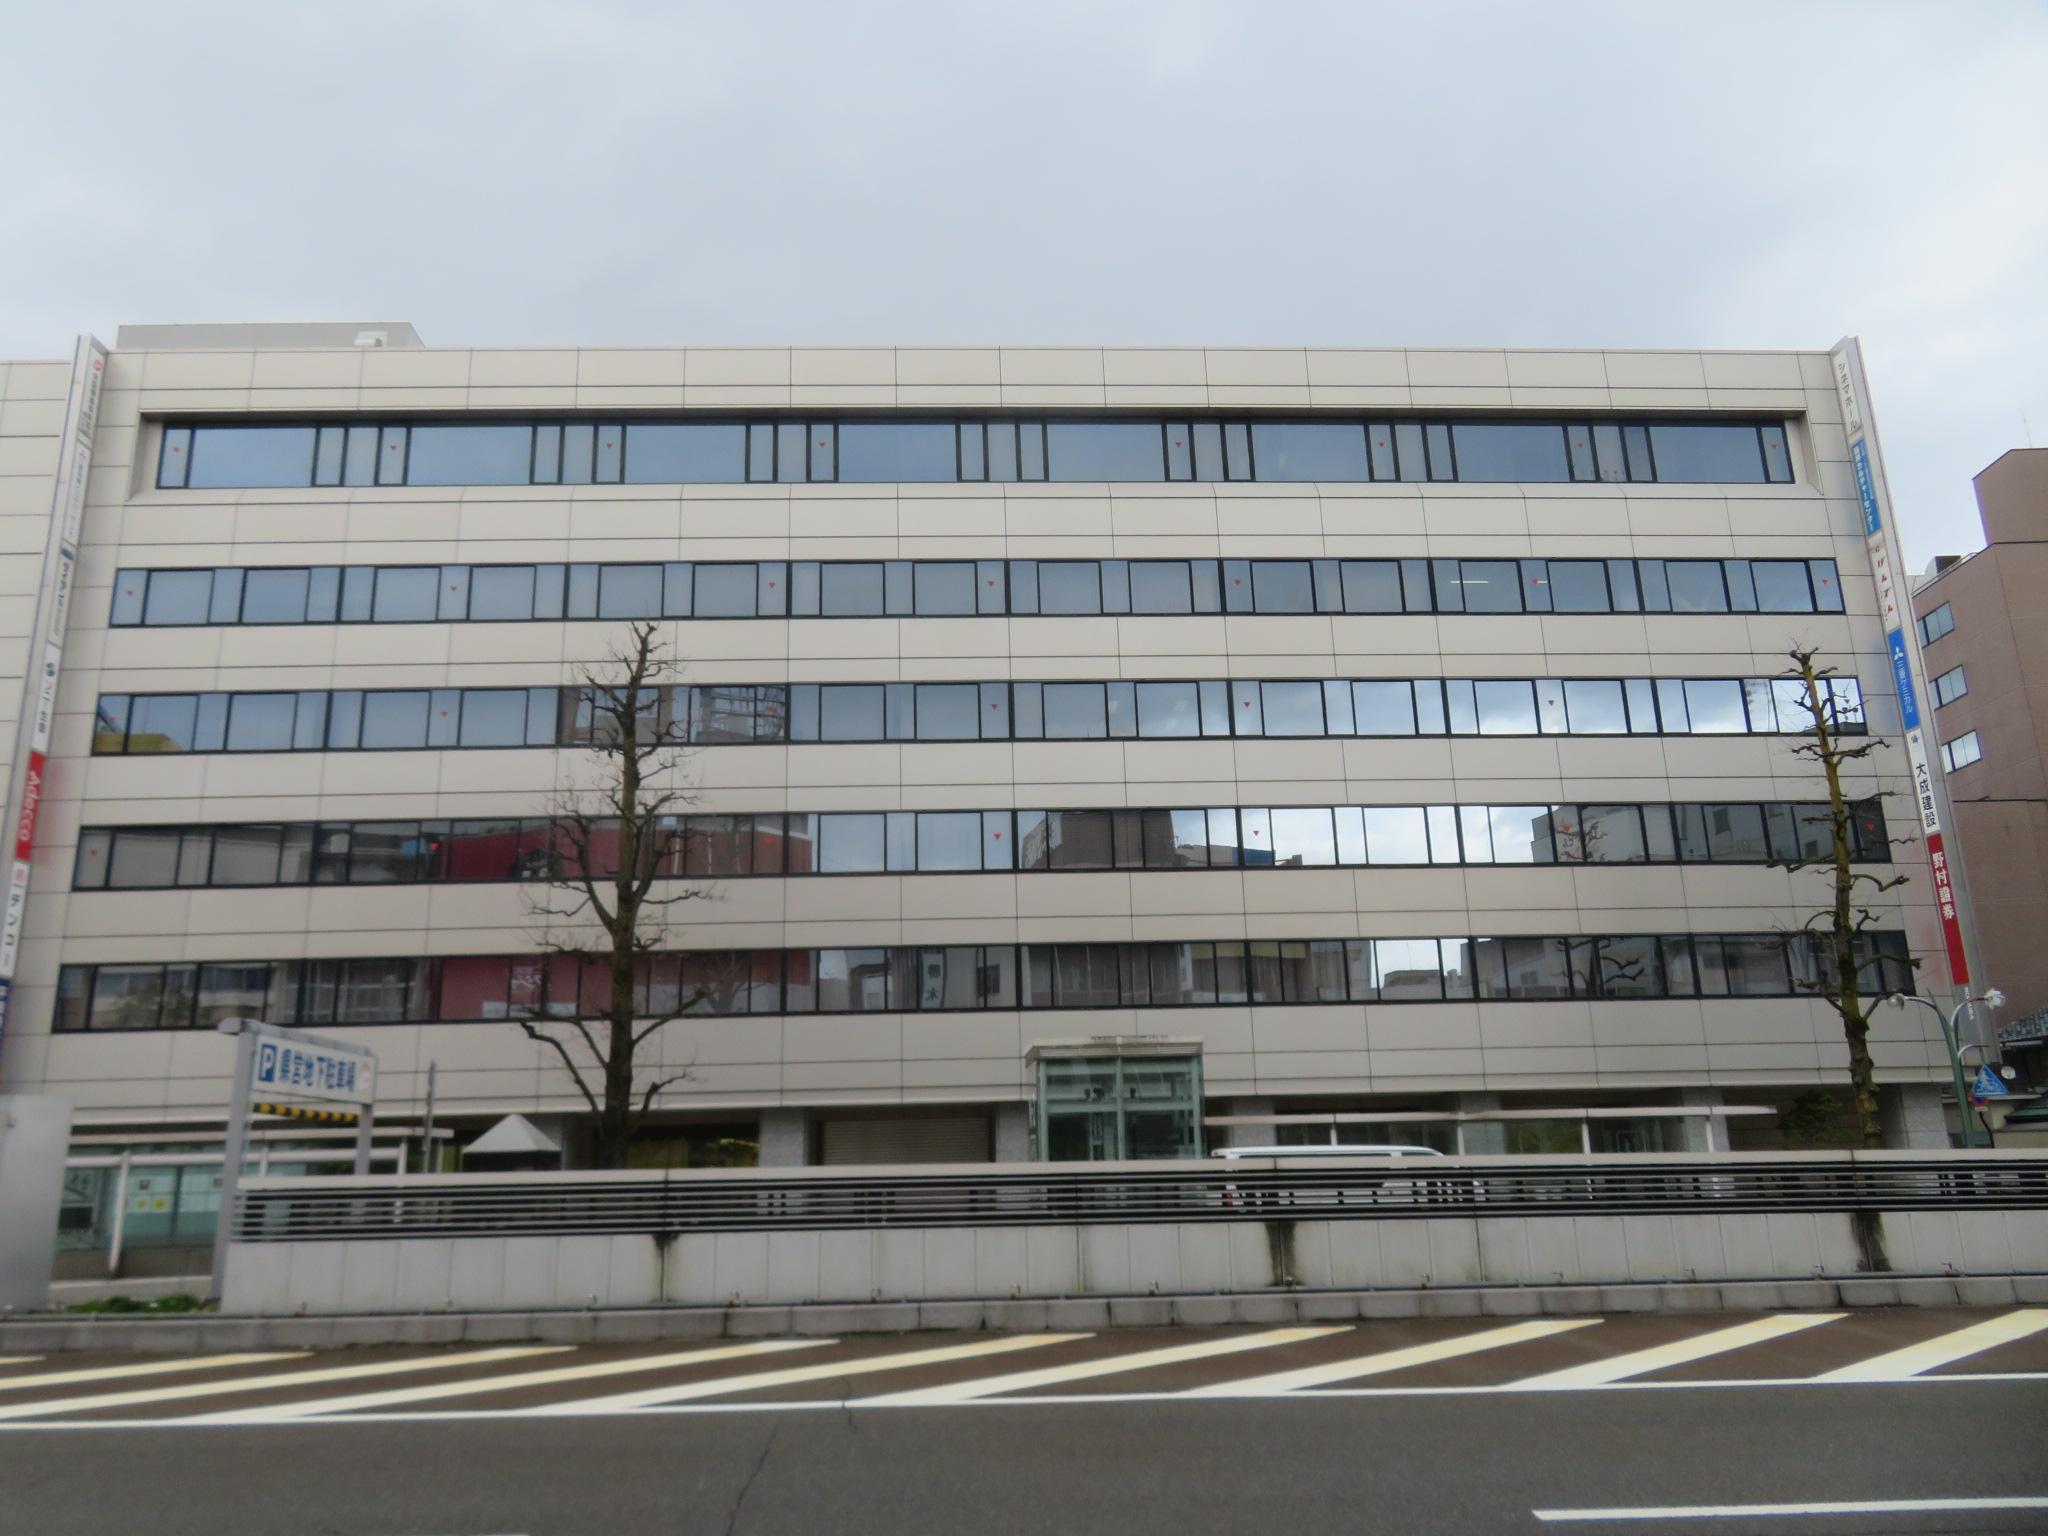 福井市のオタク街だった放送会館地下1階の今昔│てるふあい